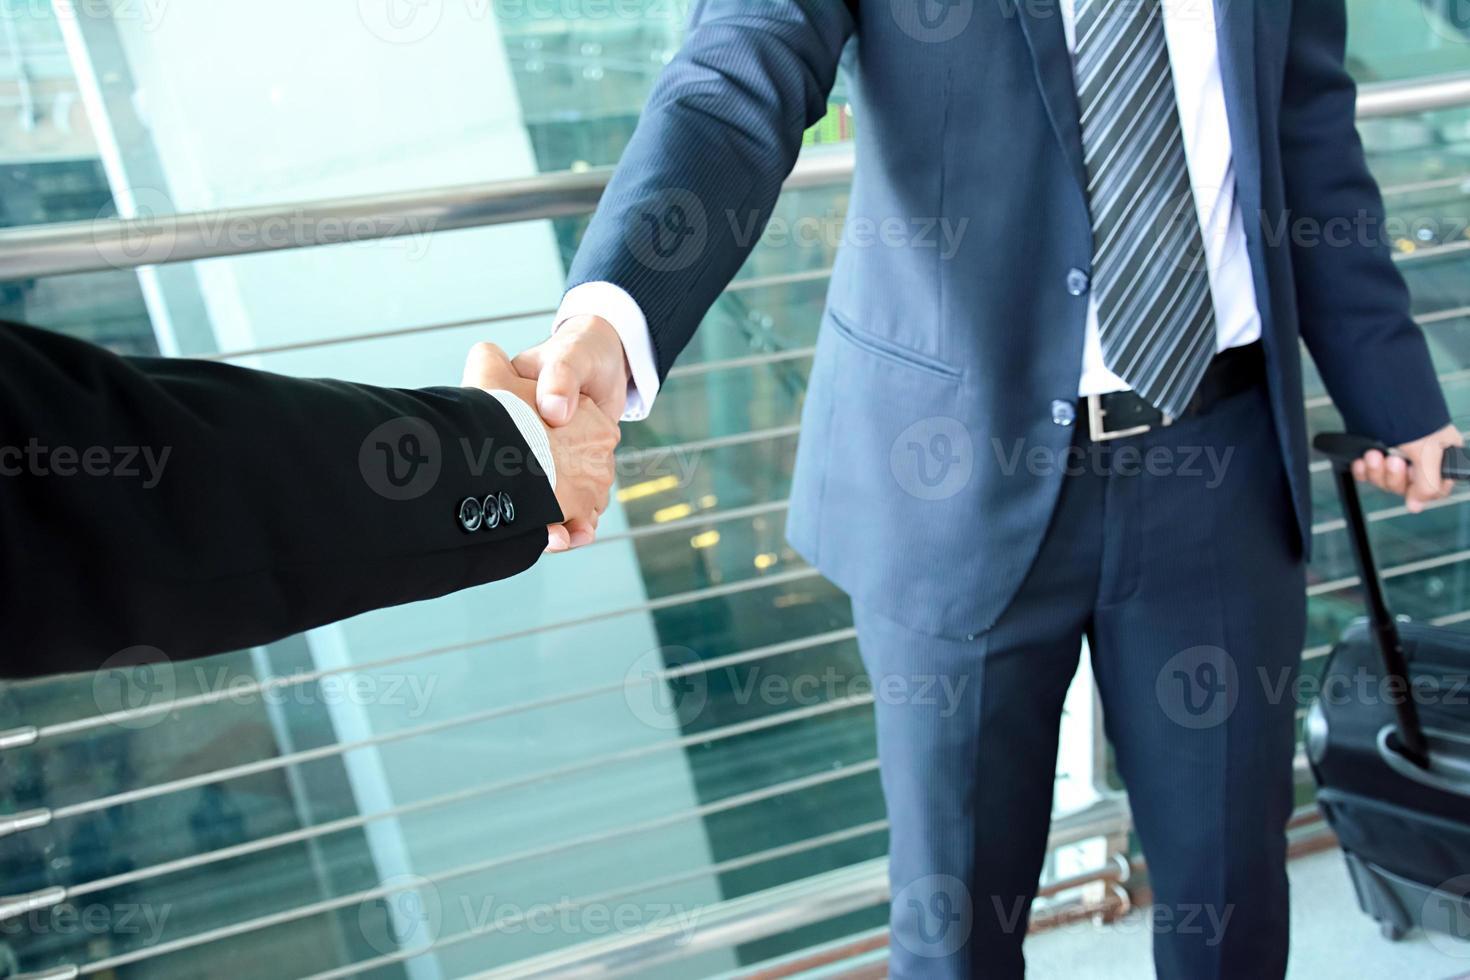 handskakning av affärsmän på flygplatsen - affärsresor koncept foto